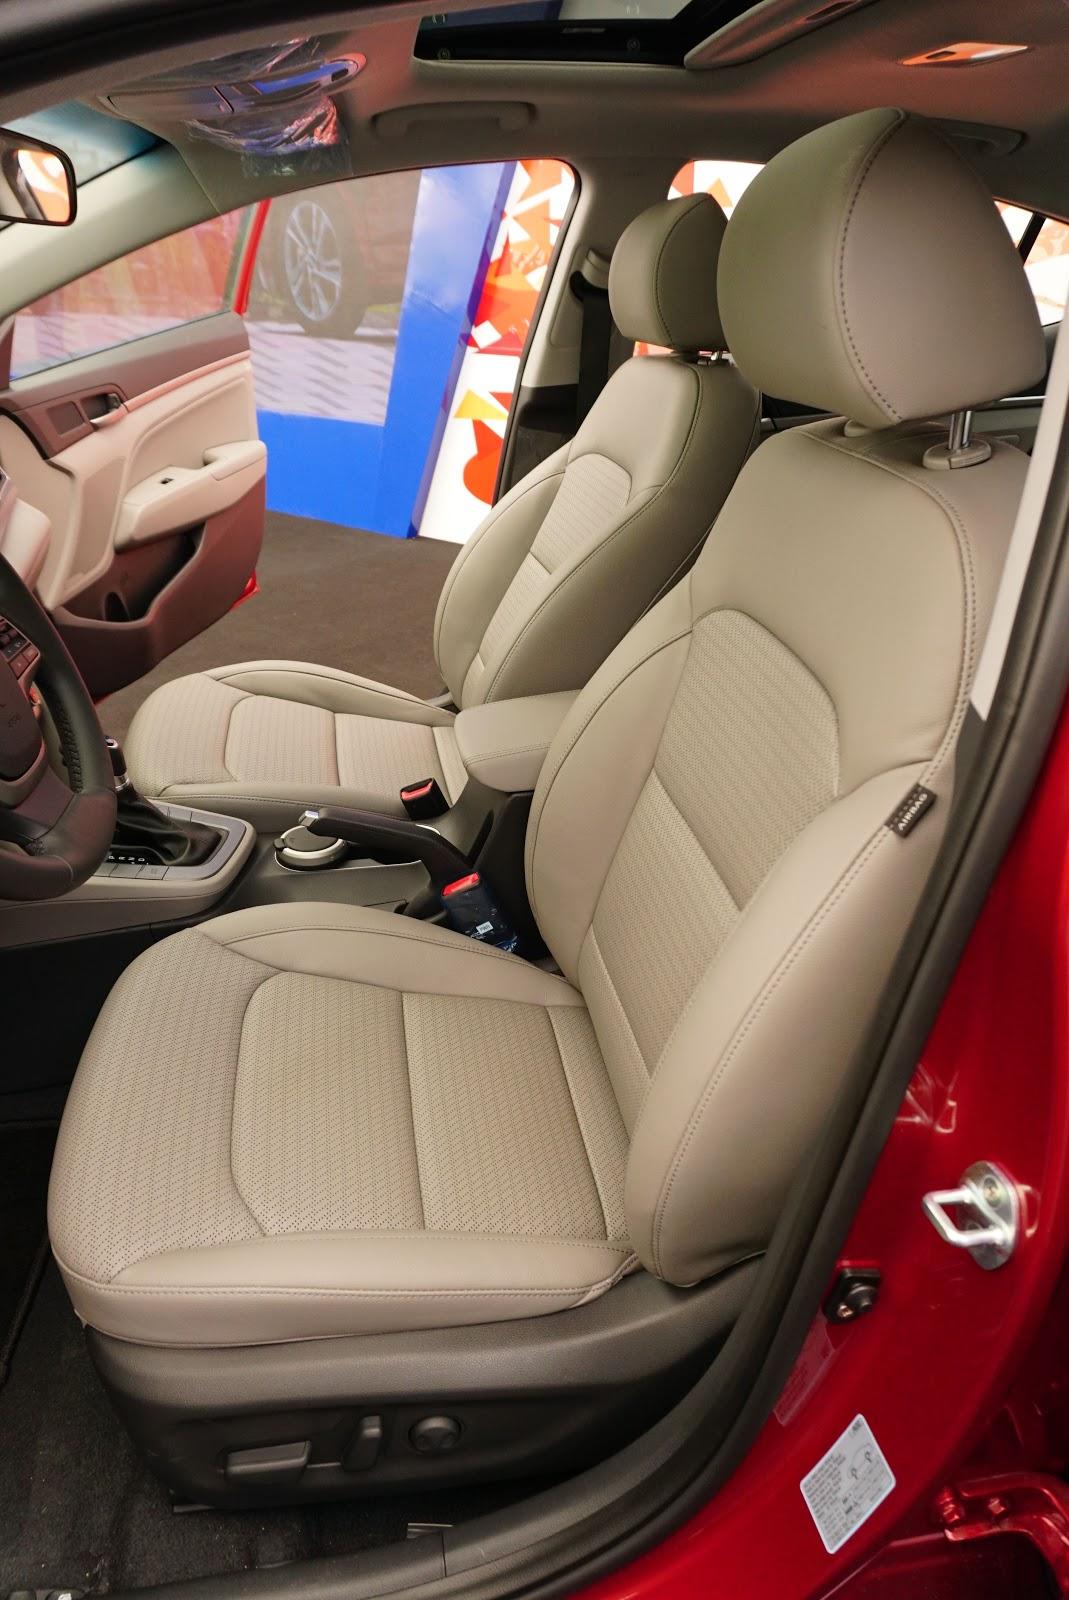 Ghế ngồi quá sang trọng, chỉnh điện 10 hướng, có cả sưởi ấm ở bản 2.0